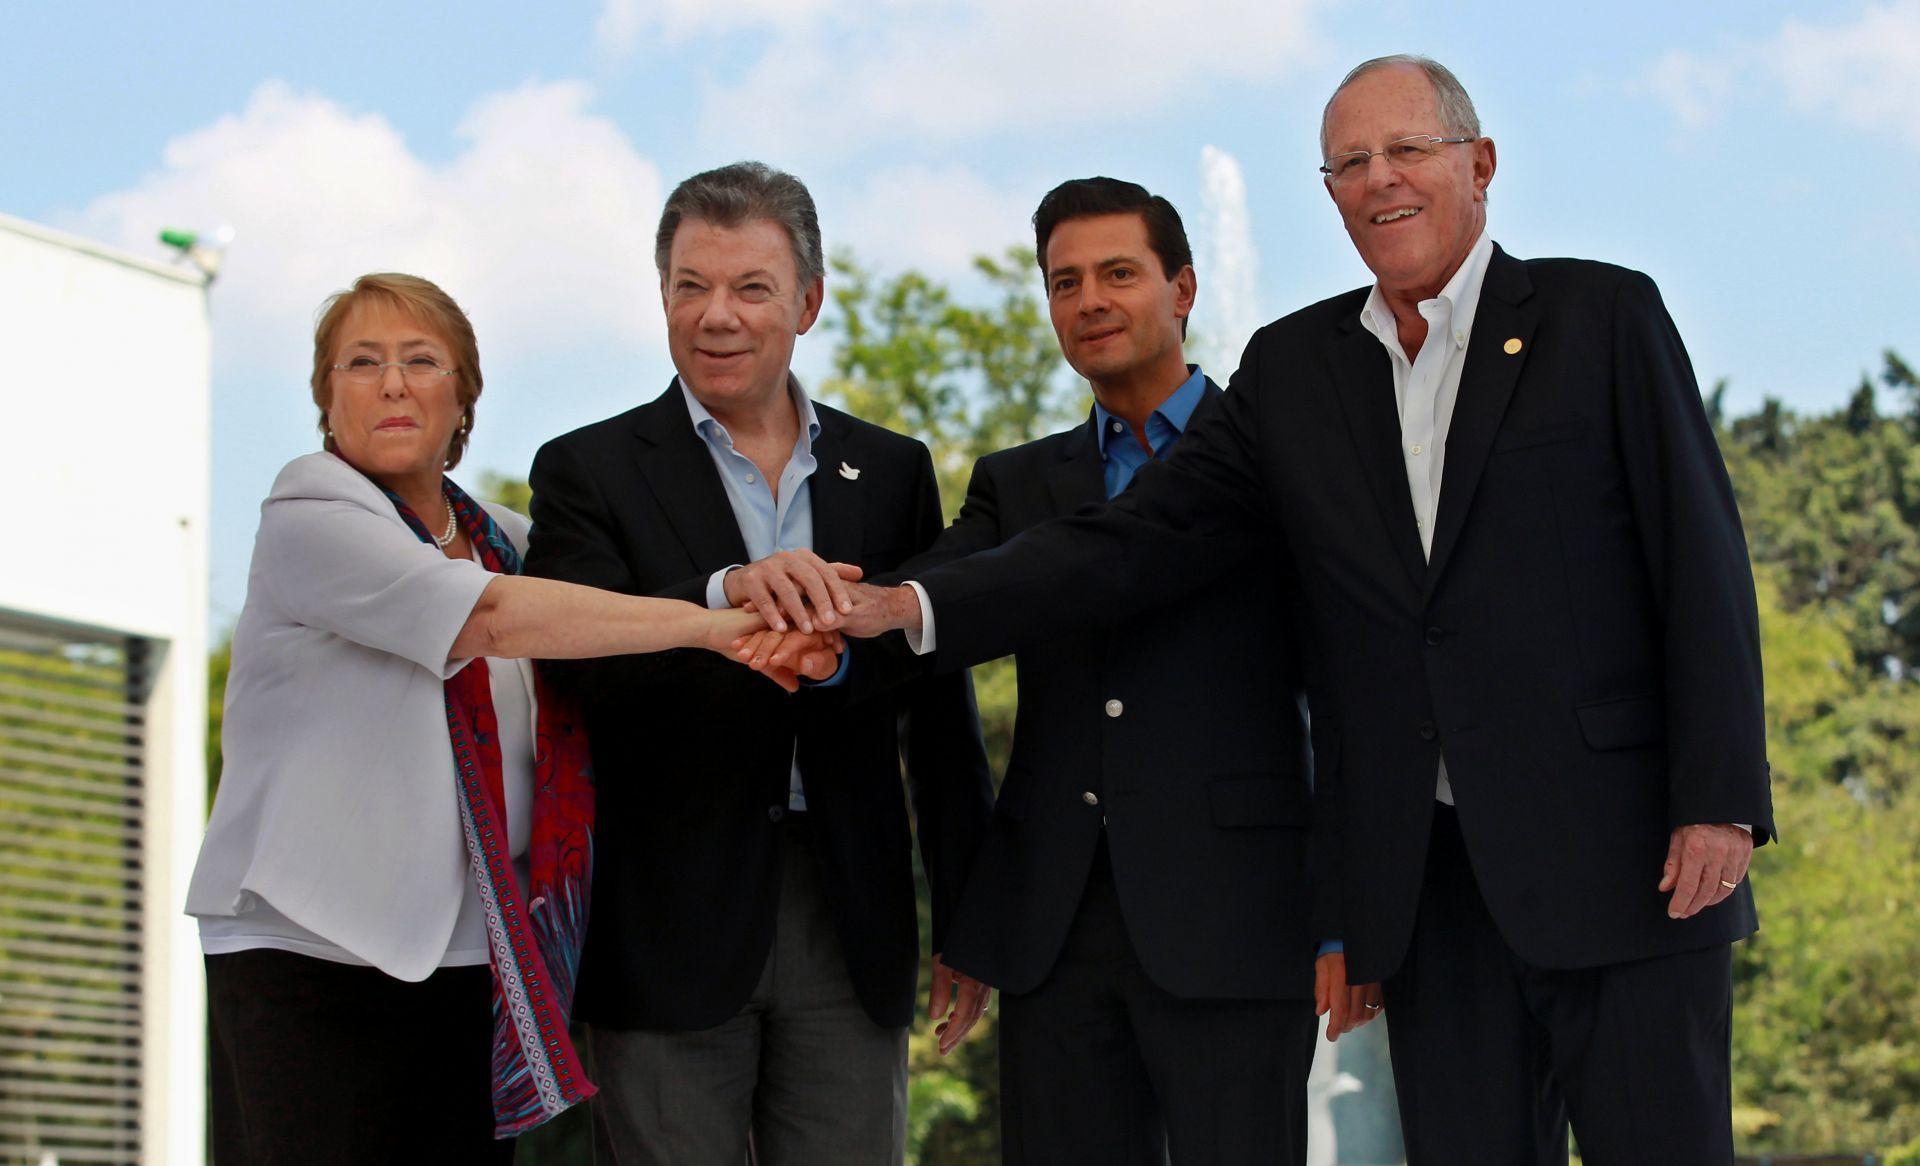 La presidenta de Chile Michelle Bachelet (i), el presidente de Colombia Juan Manuel Santos (2i), el presidente de México Enrique Peña Nieto (2d) y el presidente de Perú Pedro Pablo Kuczynski (d)